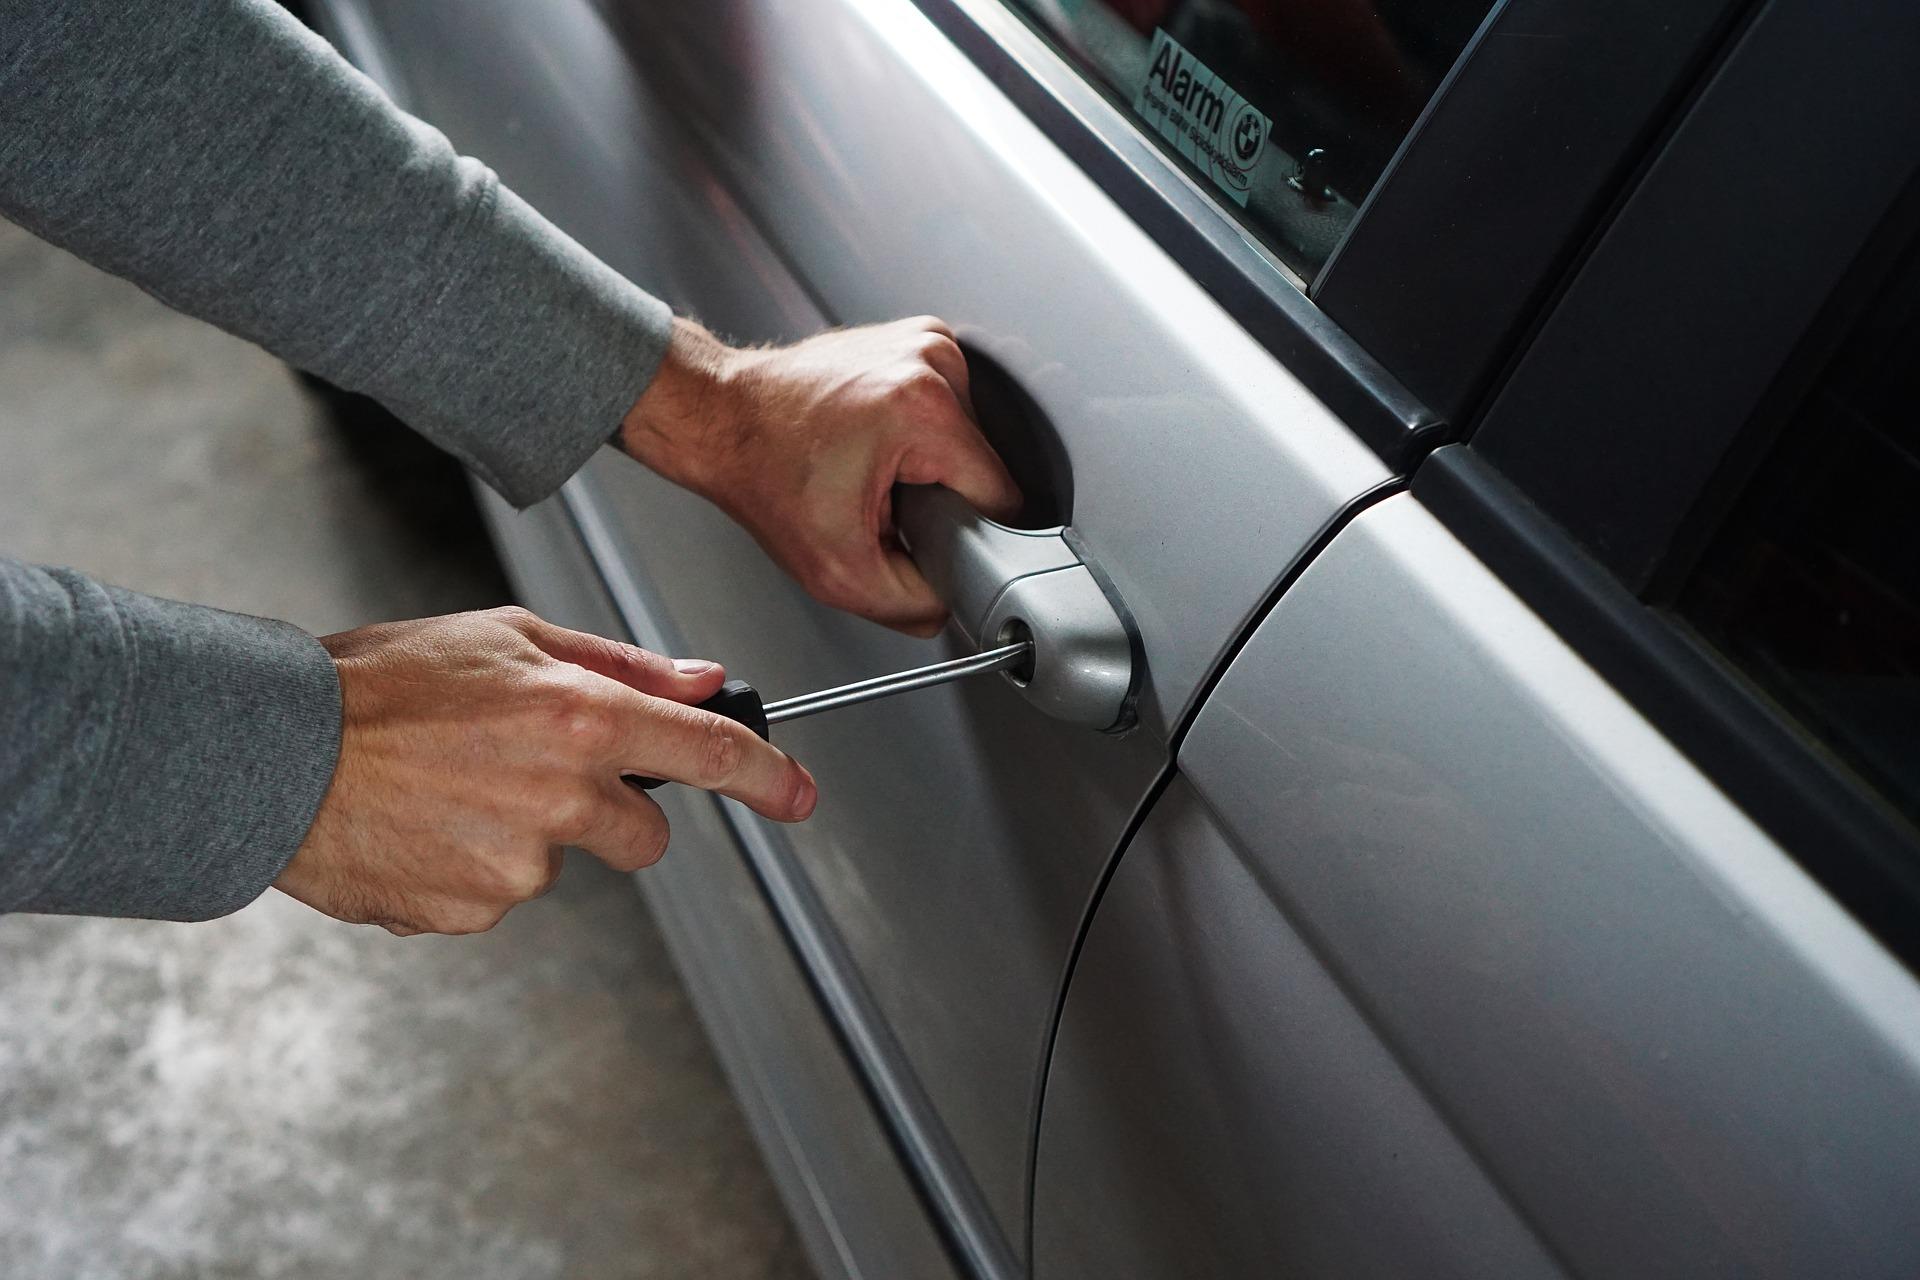 Ladron robo coche